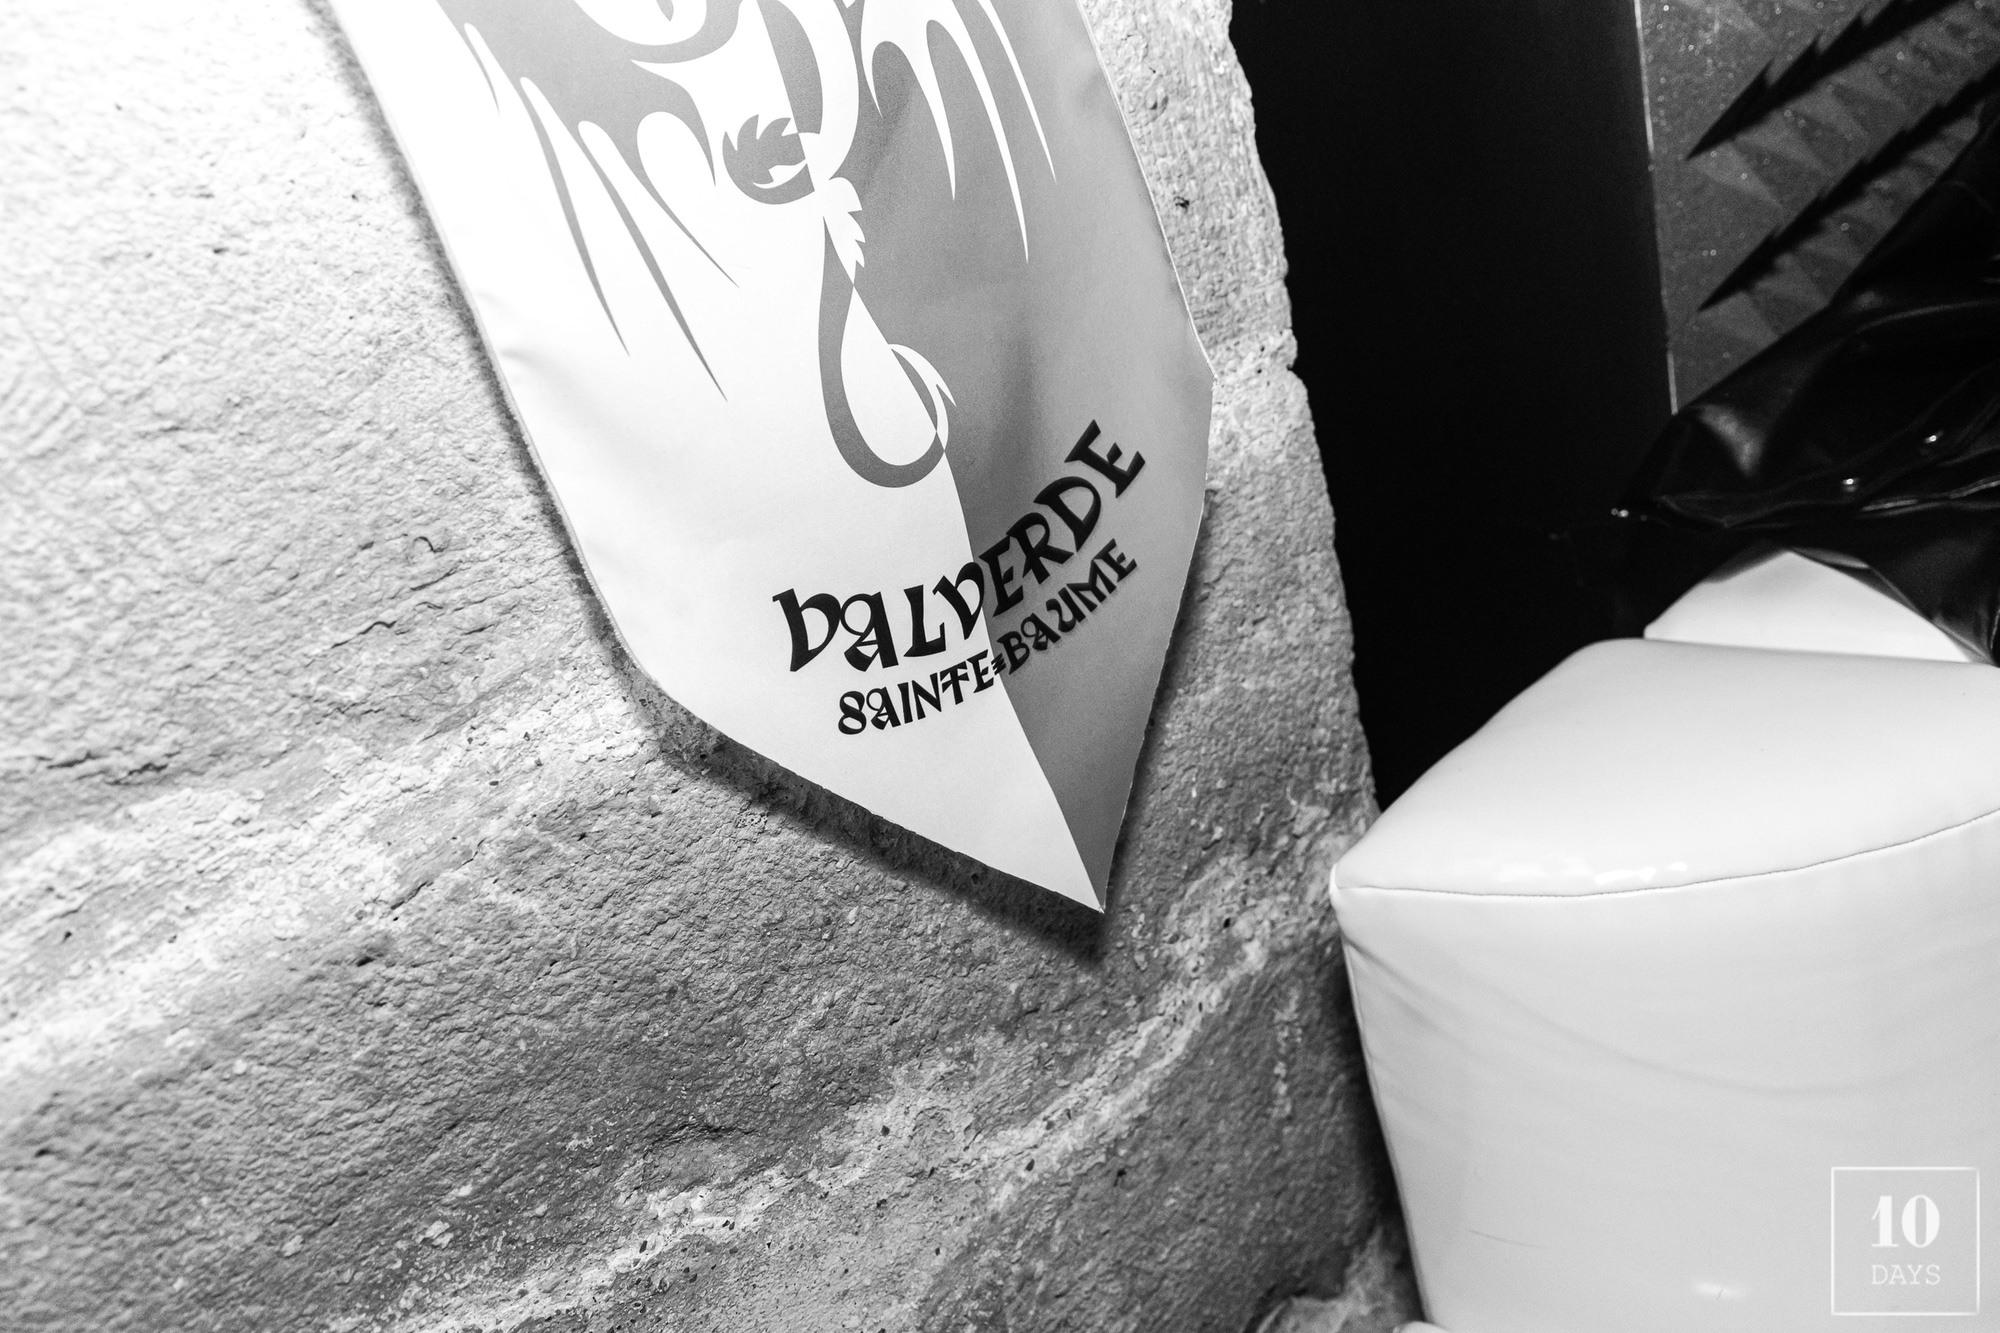 VALVERDE SAINTE-BAUME CELEBRATION PARTY AT SERPENT A PLUME